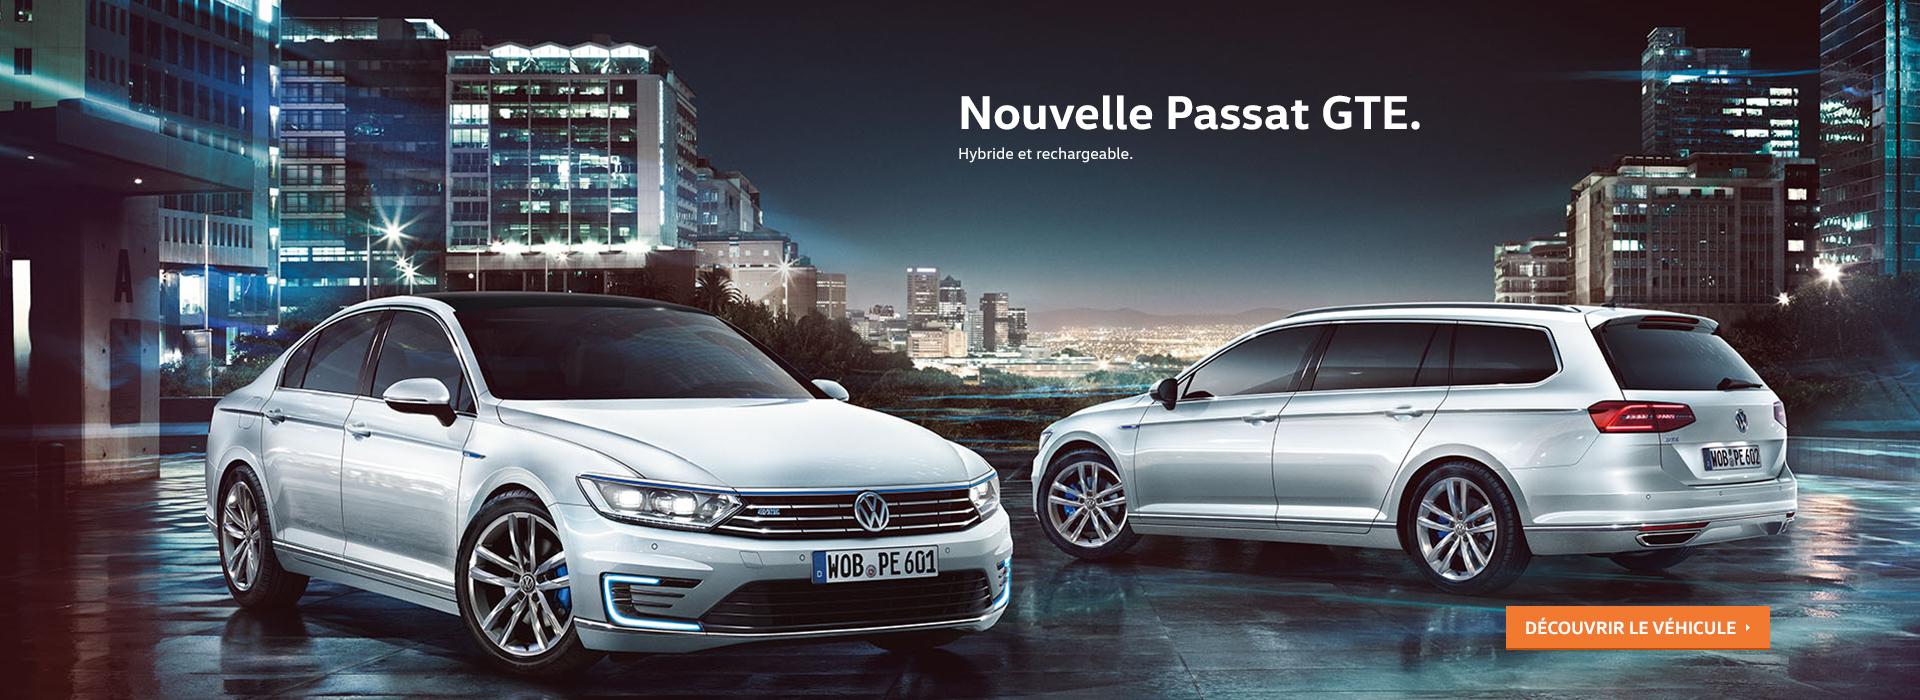 Nouvelle Passat GTE